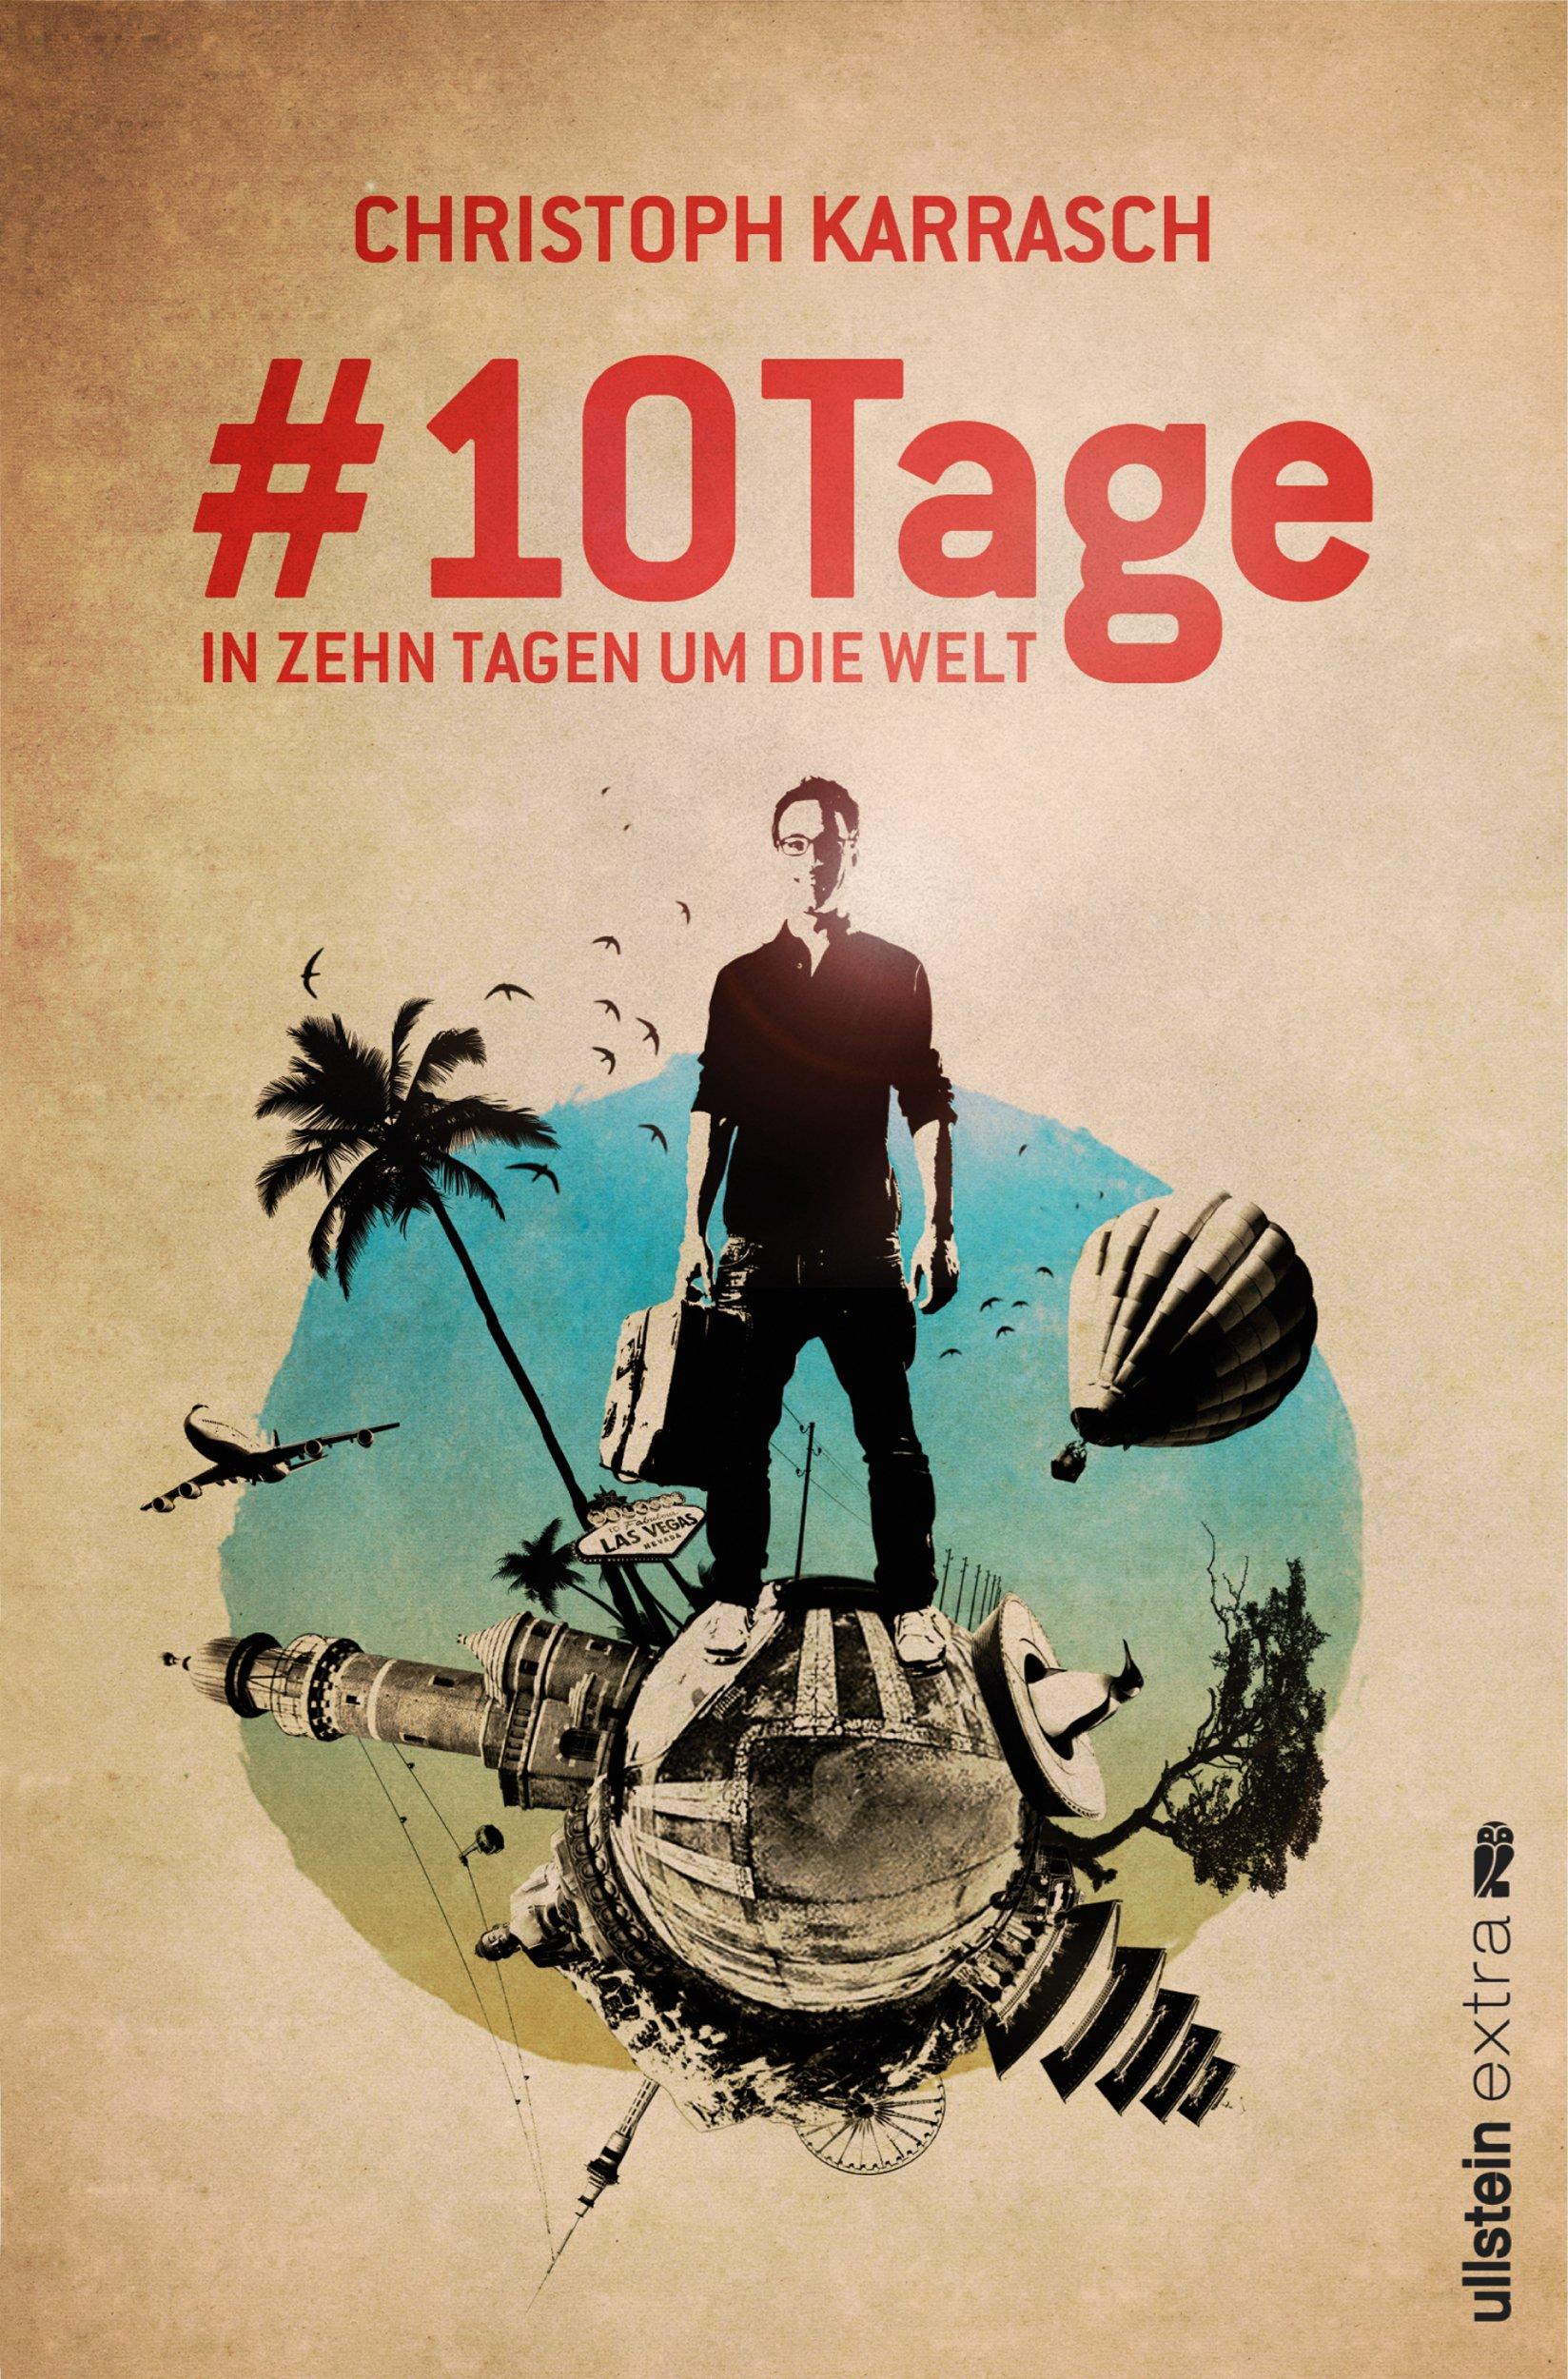 #10Tage: In zehn Tagen um die Welt: Amazon.de: Christoph Karrasch: Bücher